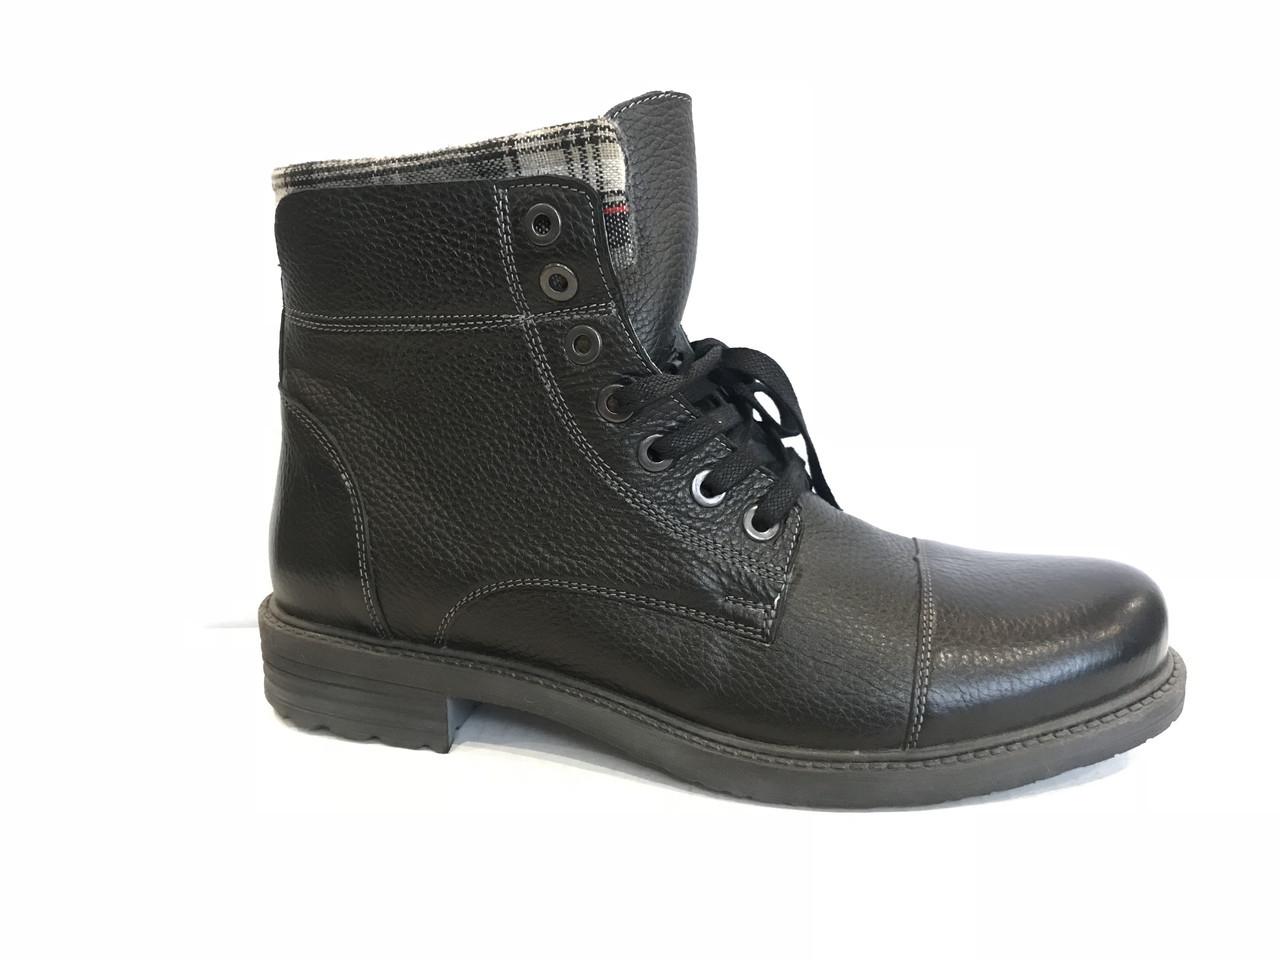 Зимние мужские ботинки натуральная кожа все размеры KADAR